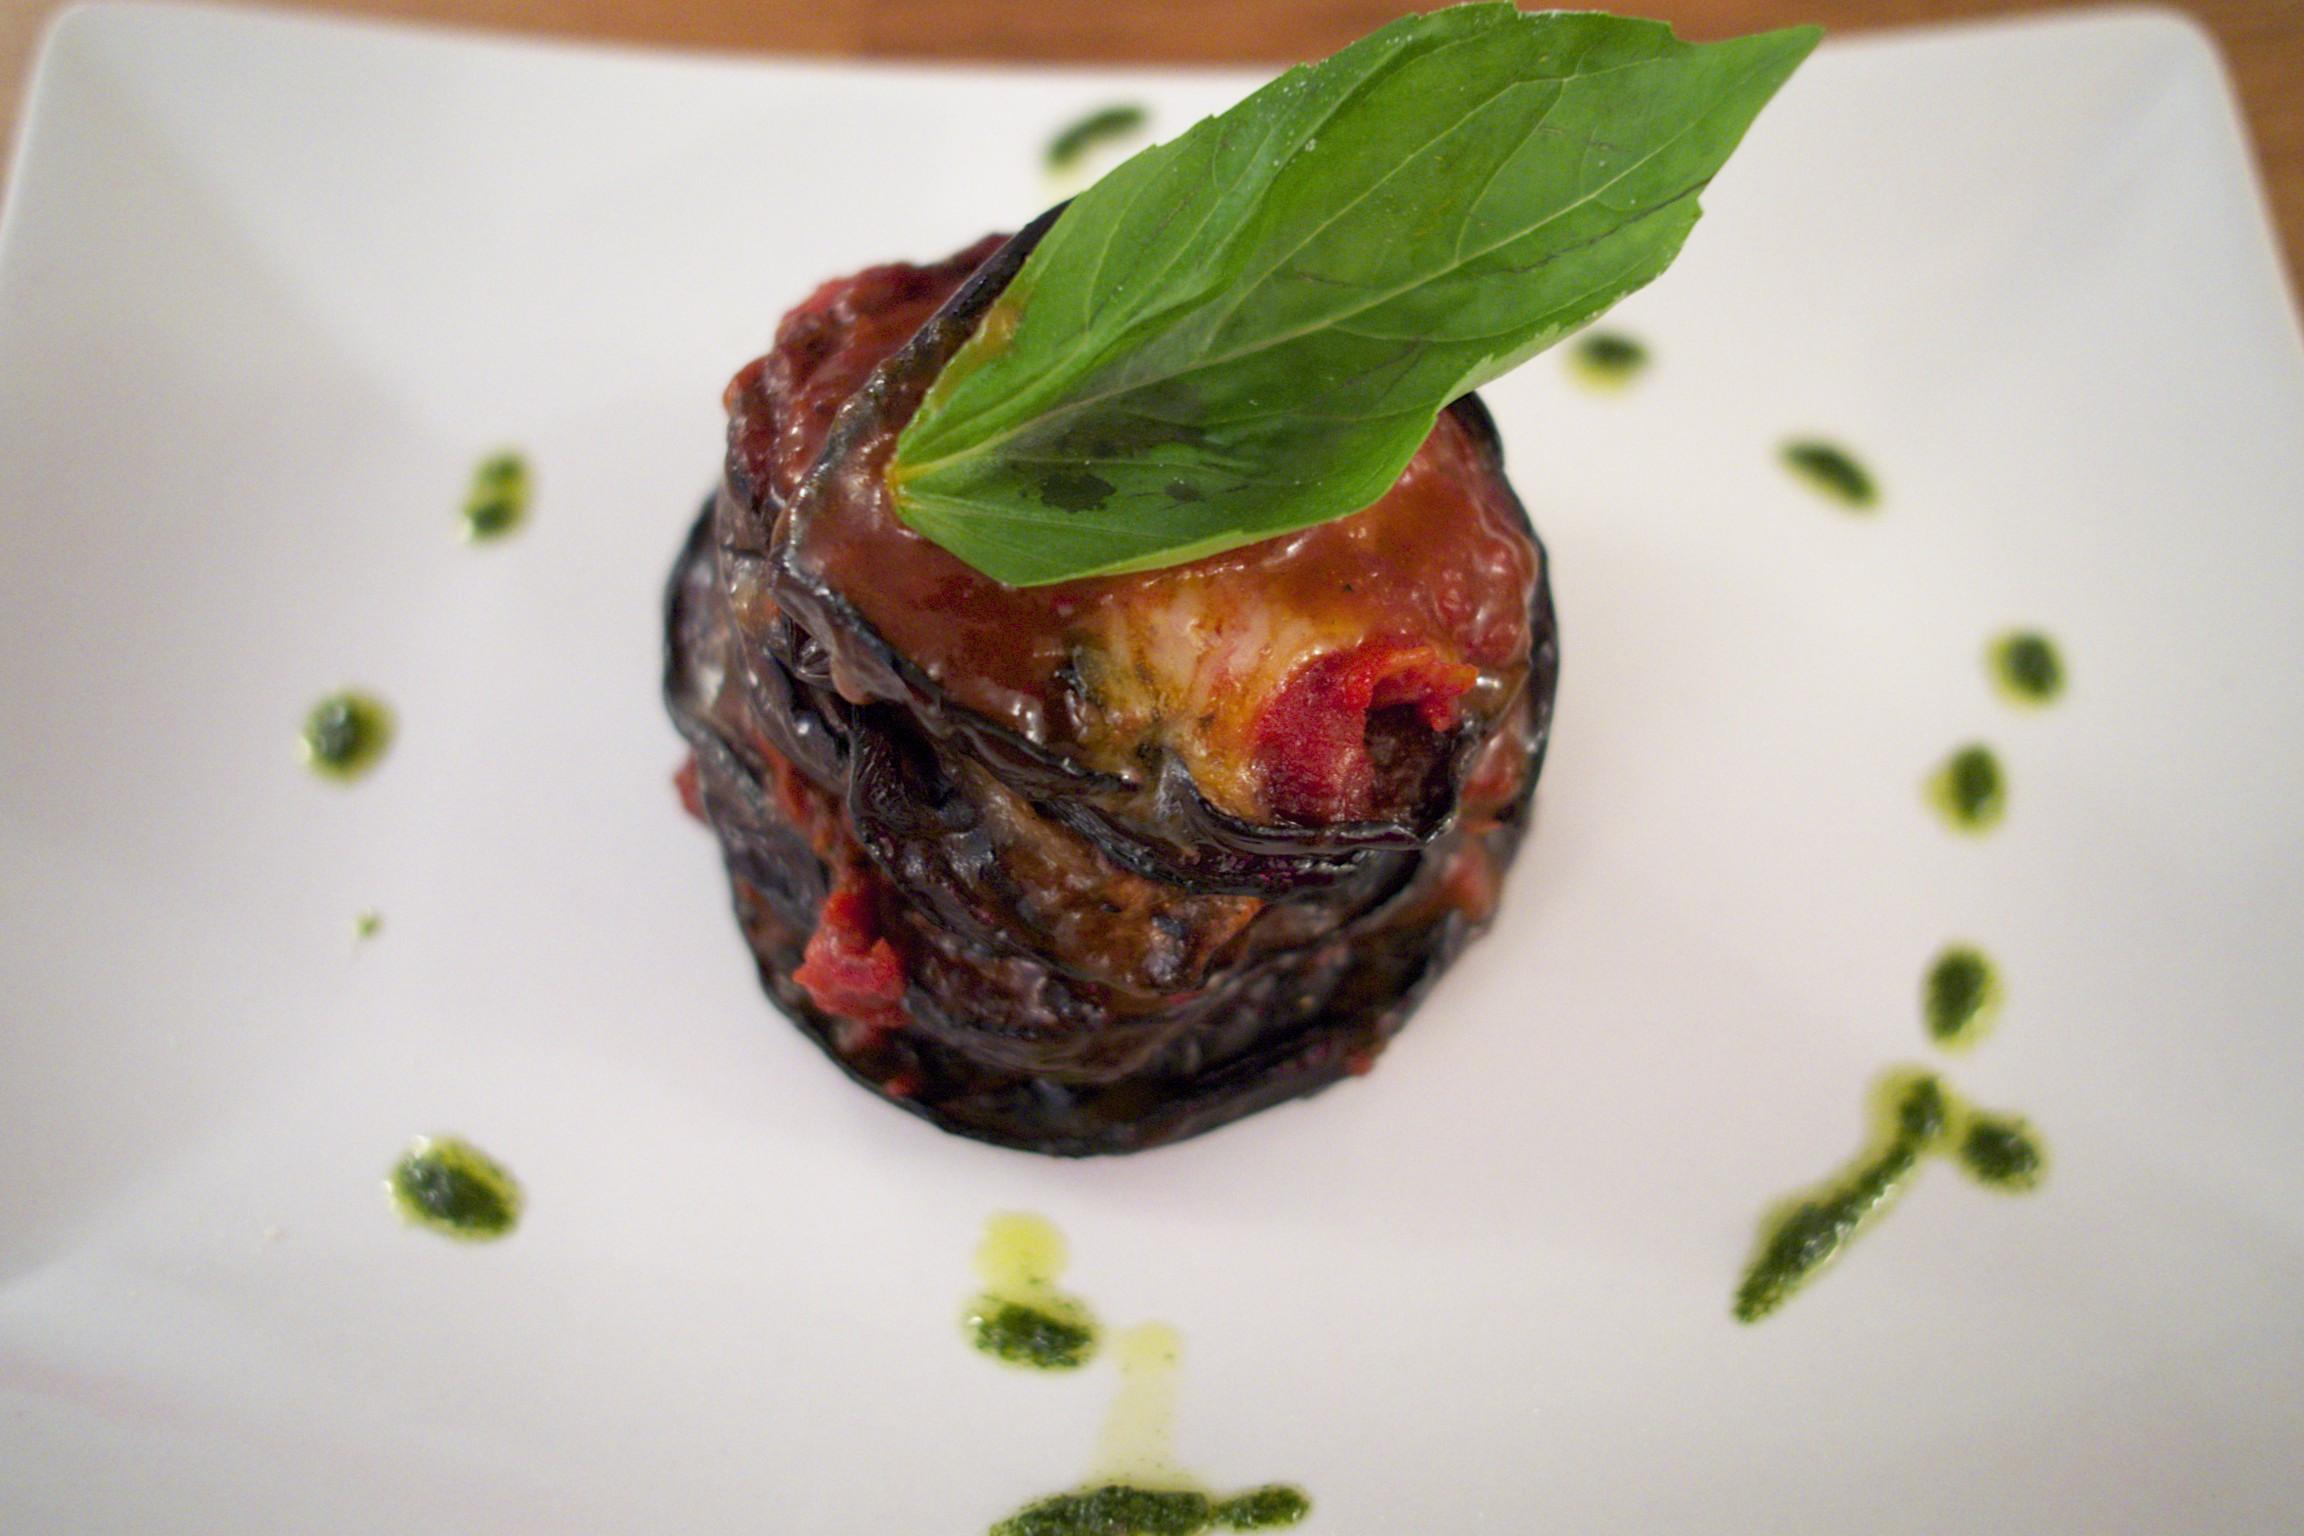 Aubergine Mozzarella Tomato Starter © Neil Hennessy-Vass